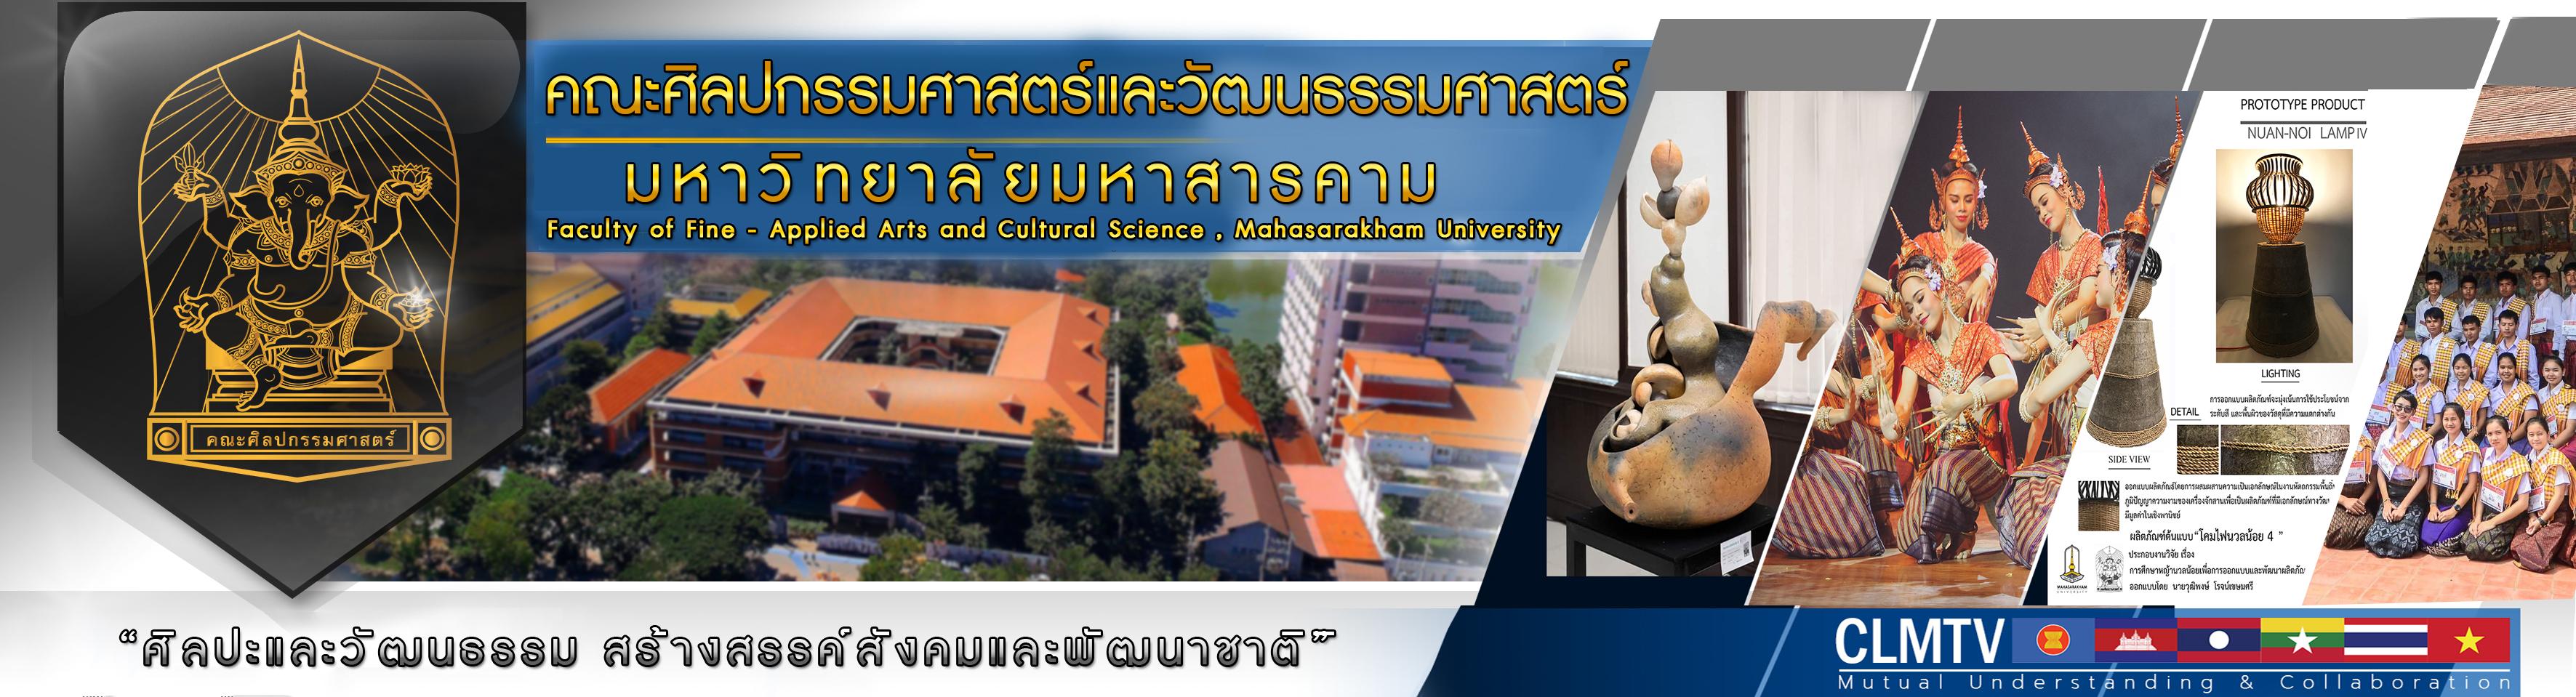 คณะศิลปกรรมศาสตร์และวัฒนธรรมศาสตร์ มหาวิทยาลัยมหาสารคาม